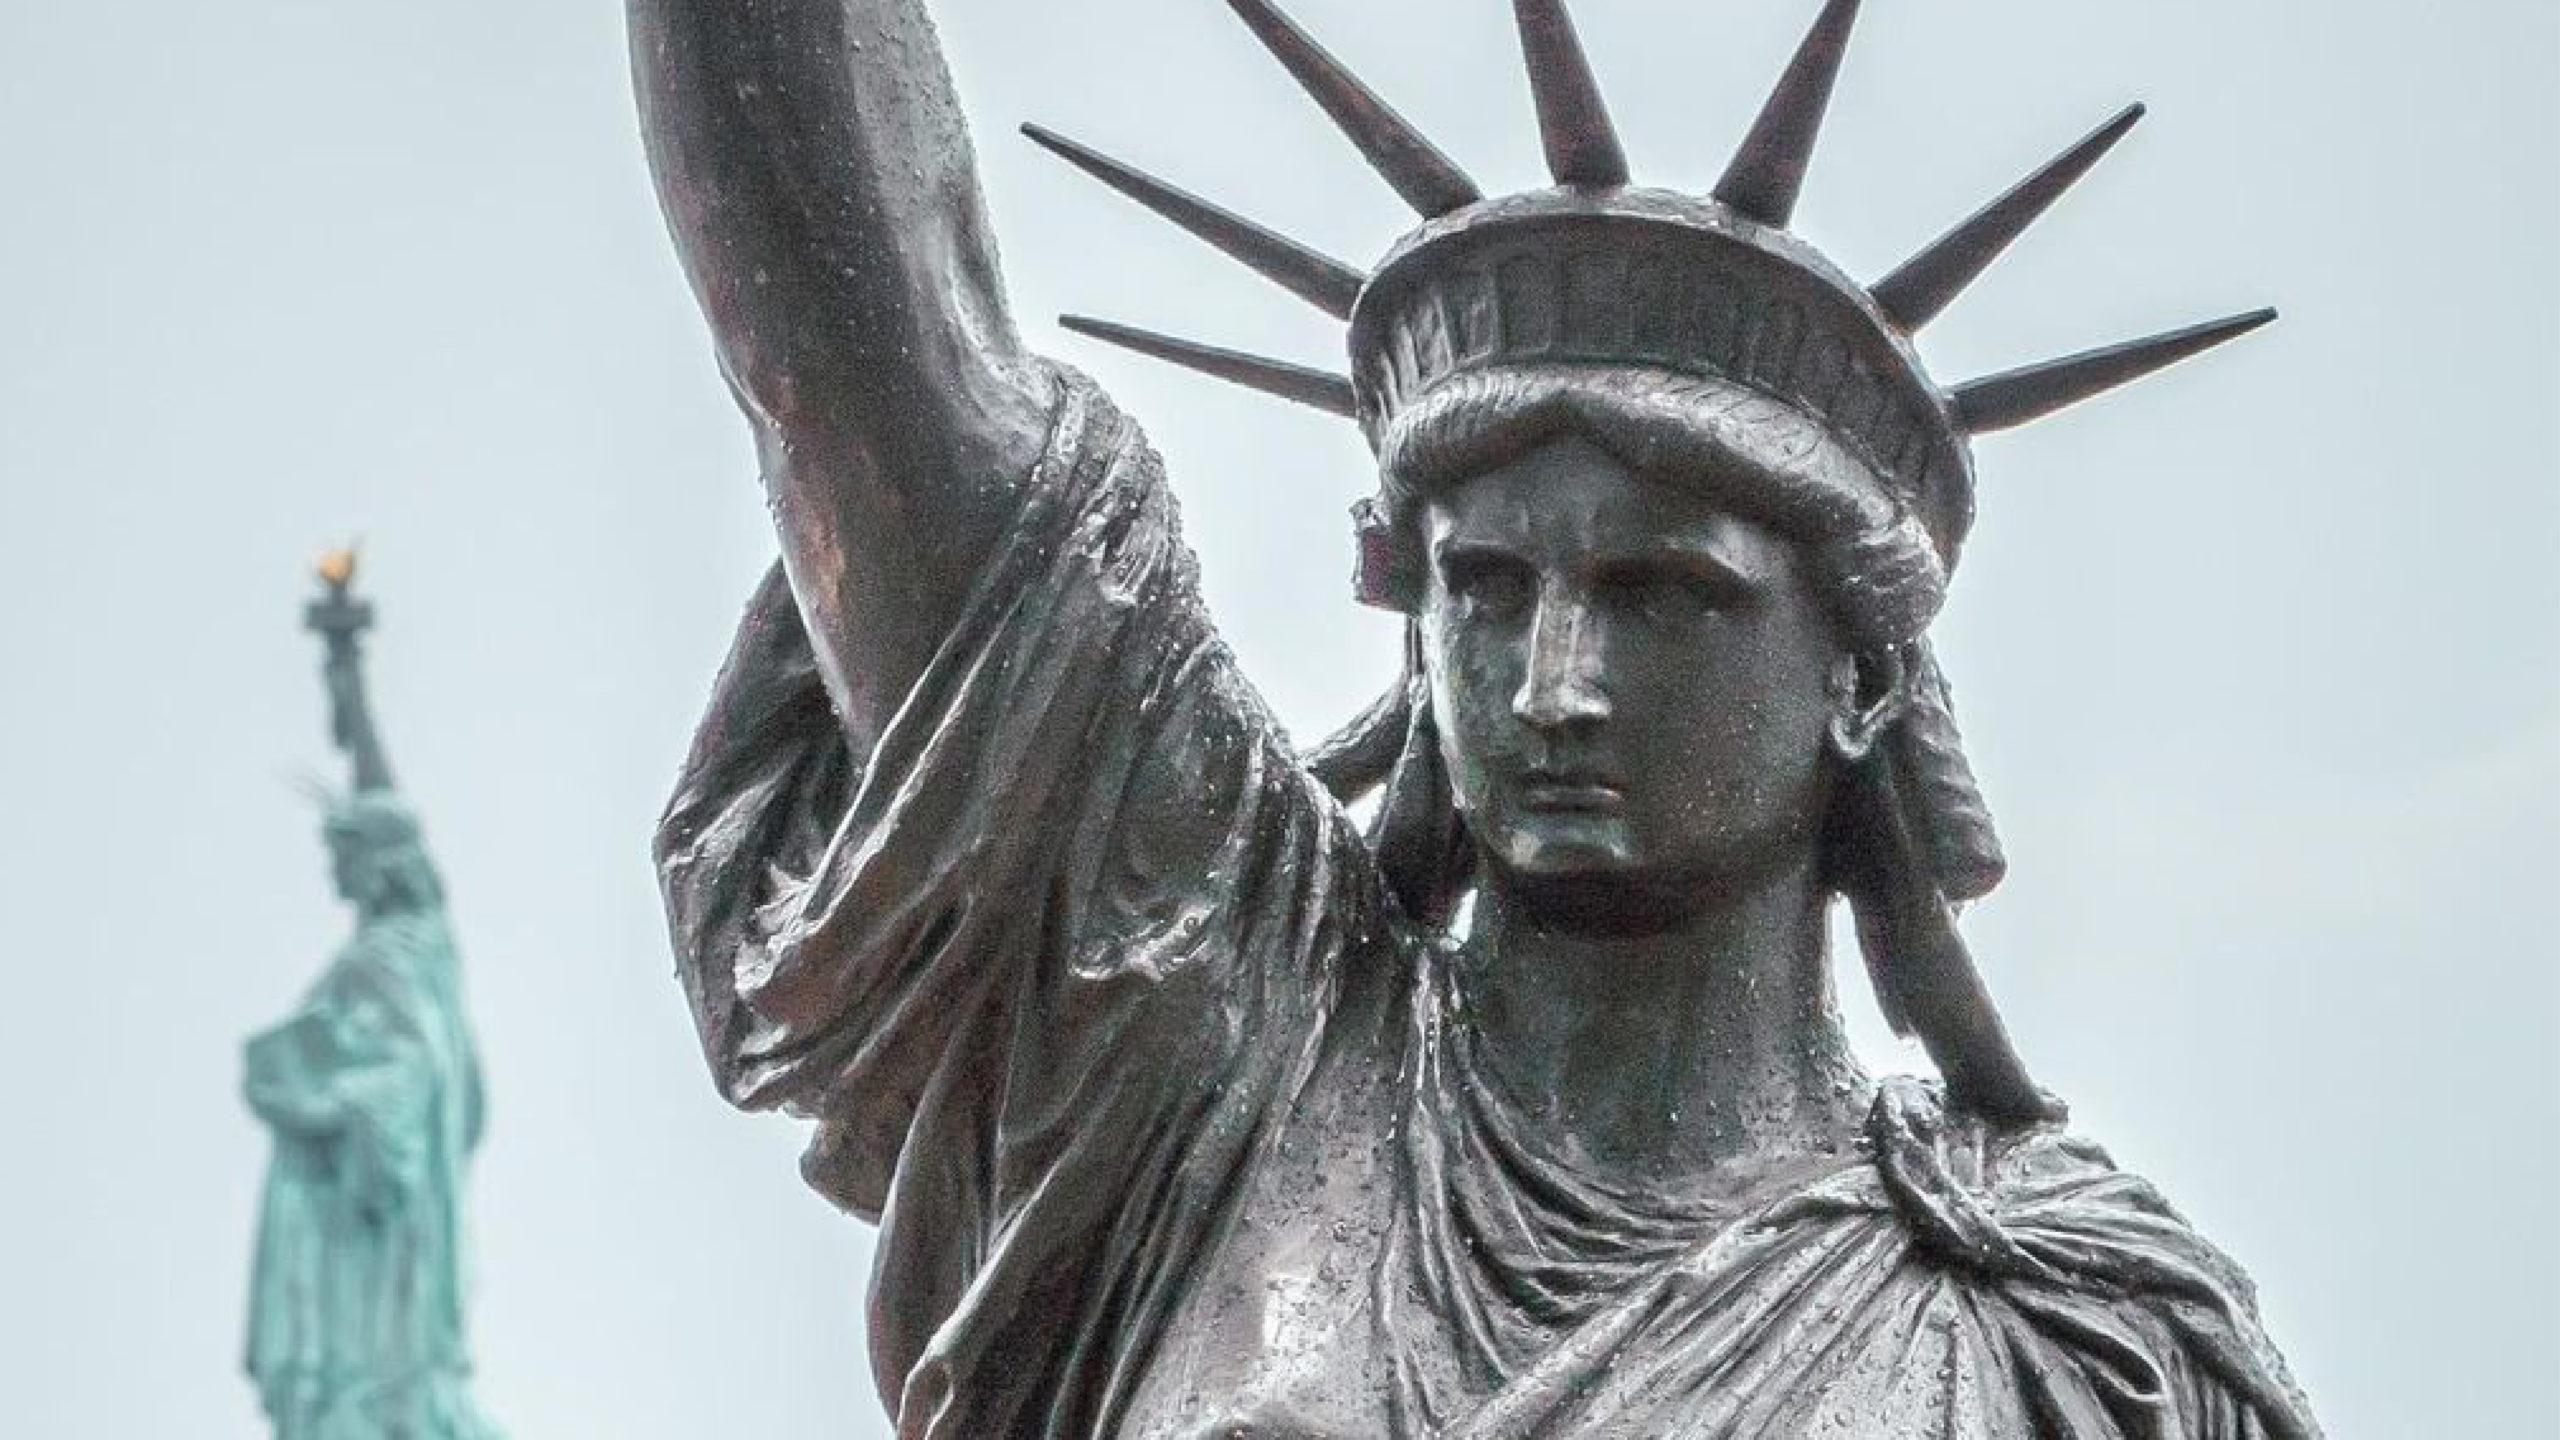 Mini Estatua de la Libertad cruza el Atlántico para llegar a Nueva York